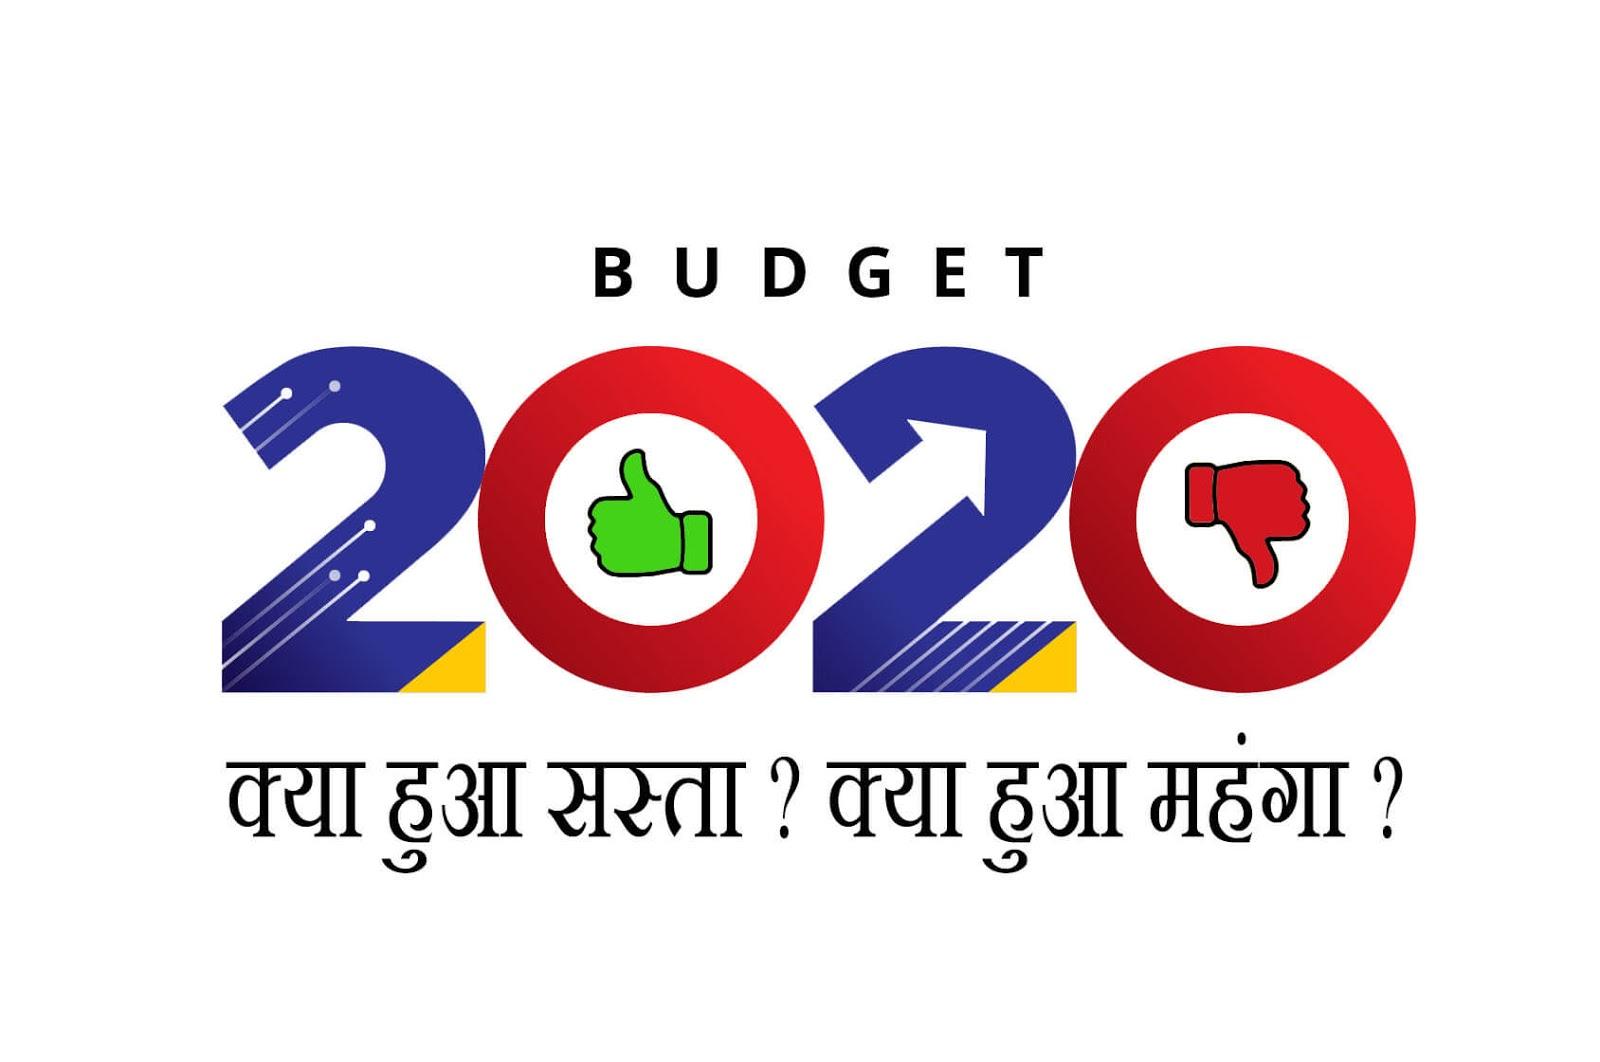 Budget 2020 : क्या हुआ सस्ता क्या हुआ महंगा in बजट 2020